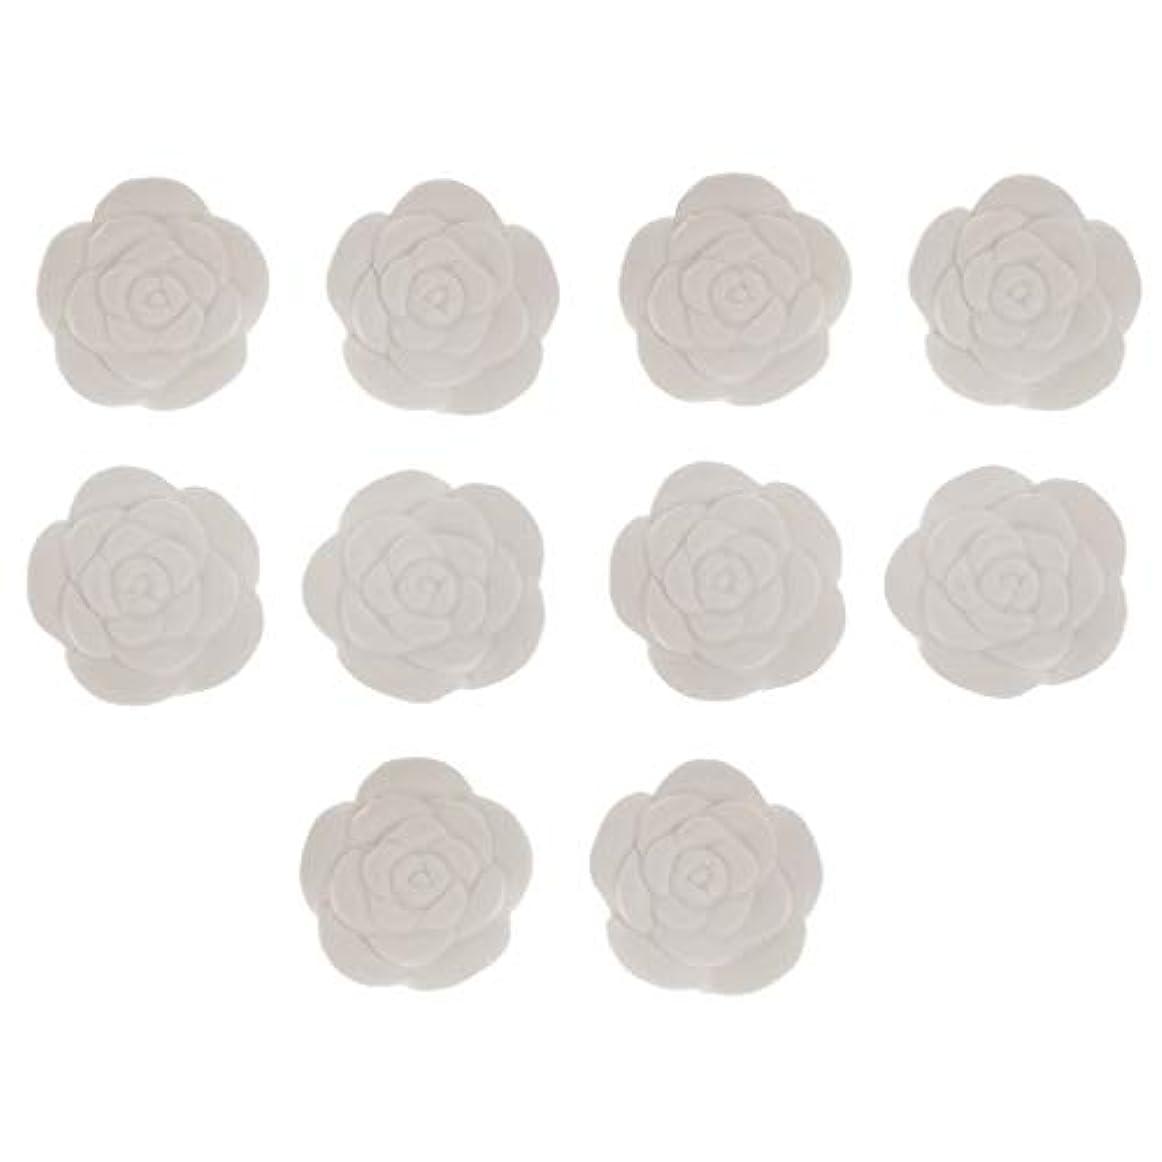 ヒギンズ長々とより多いIPOTCH アロマストーン 花形 10個 トイレ用 車用 オフィス用 寝室用 10個入り 高品質